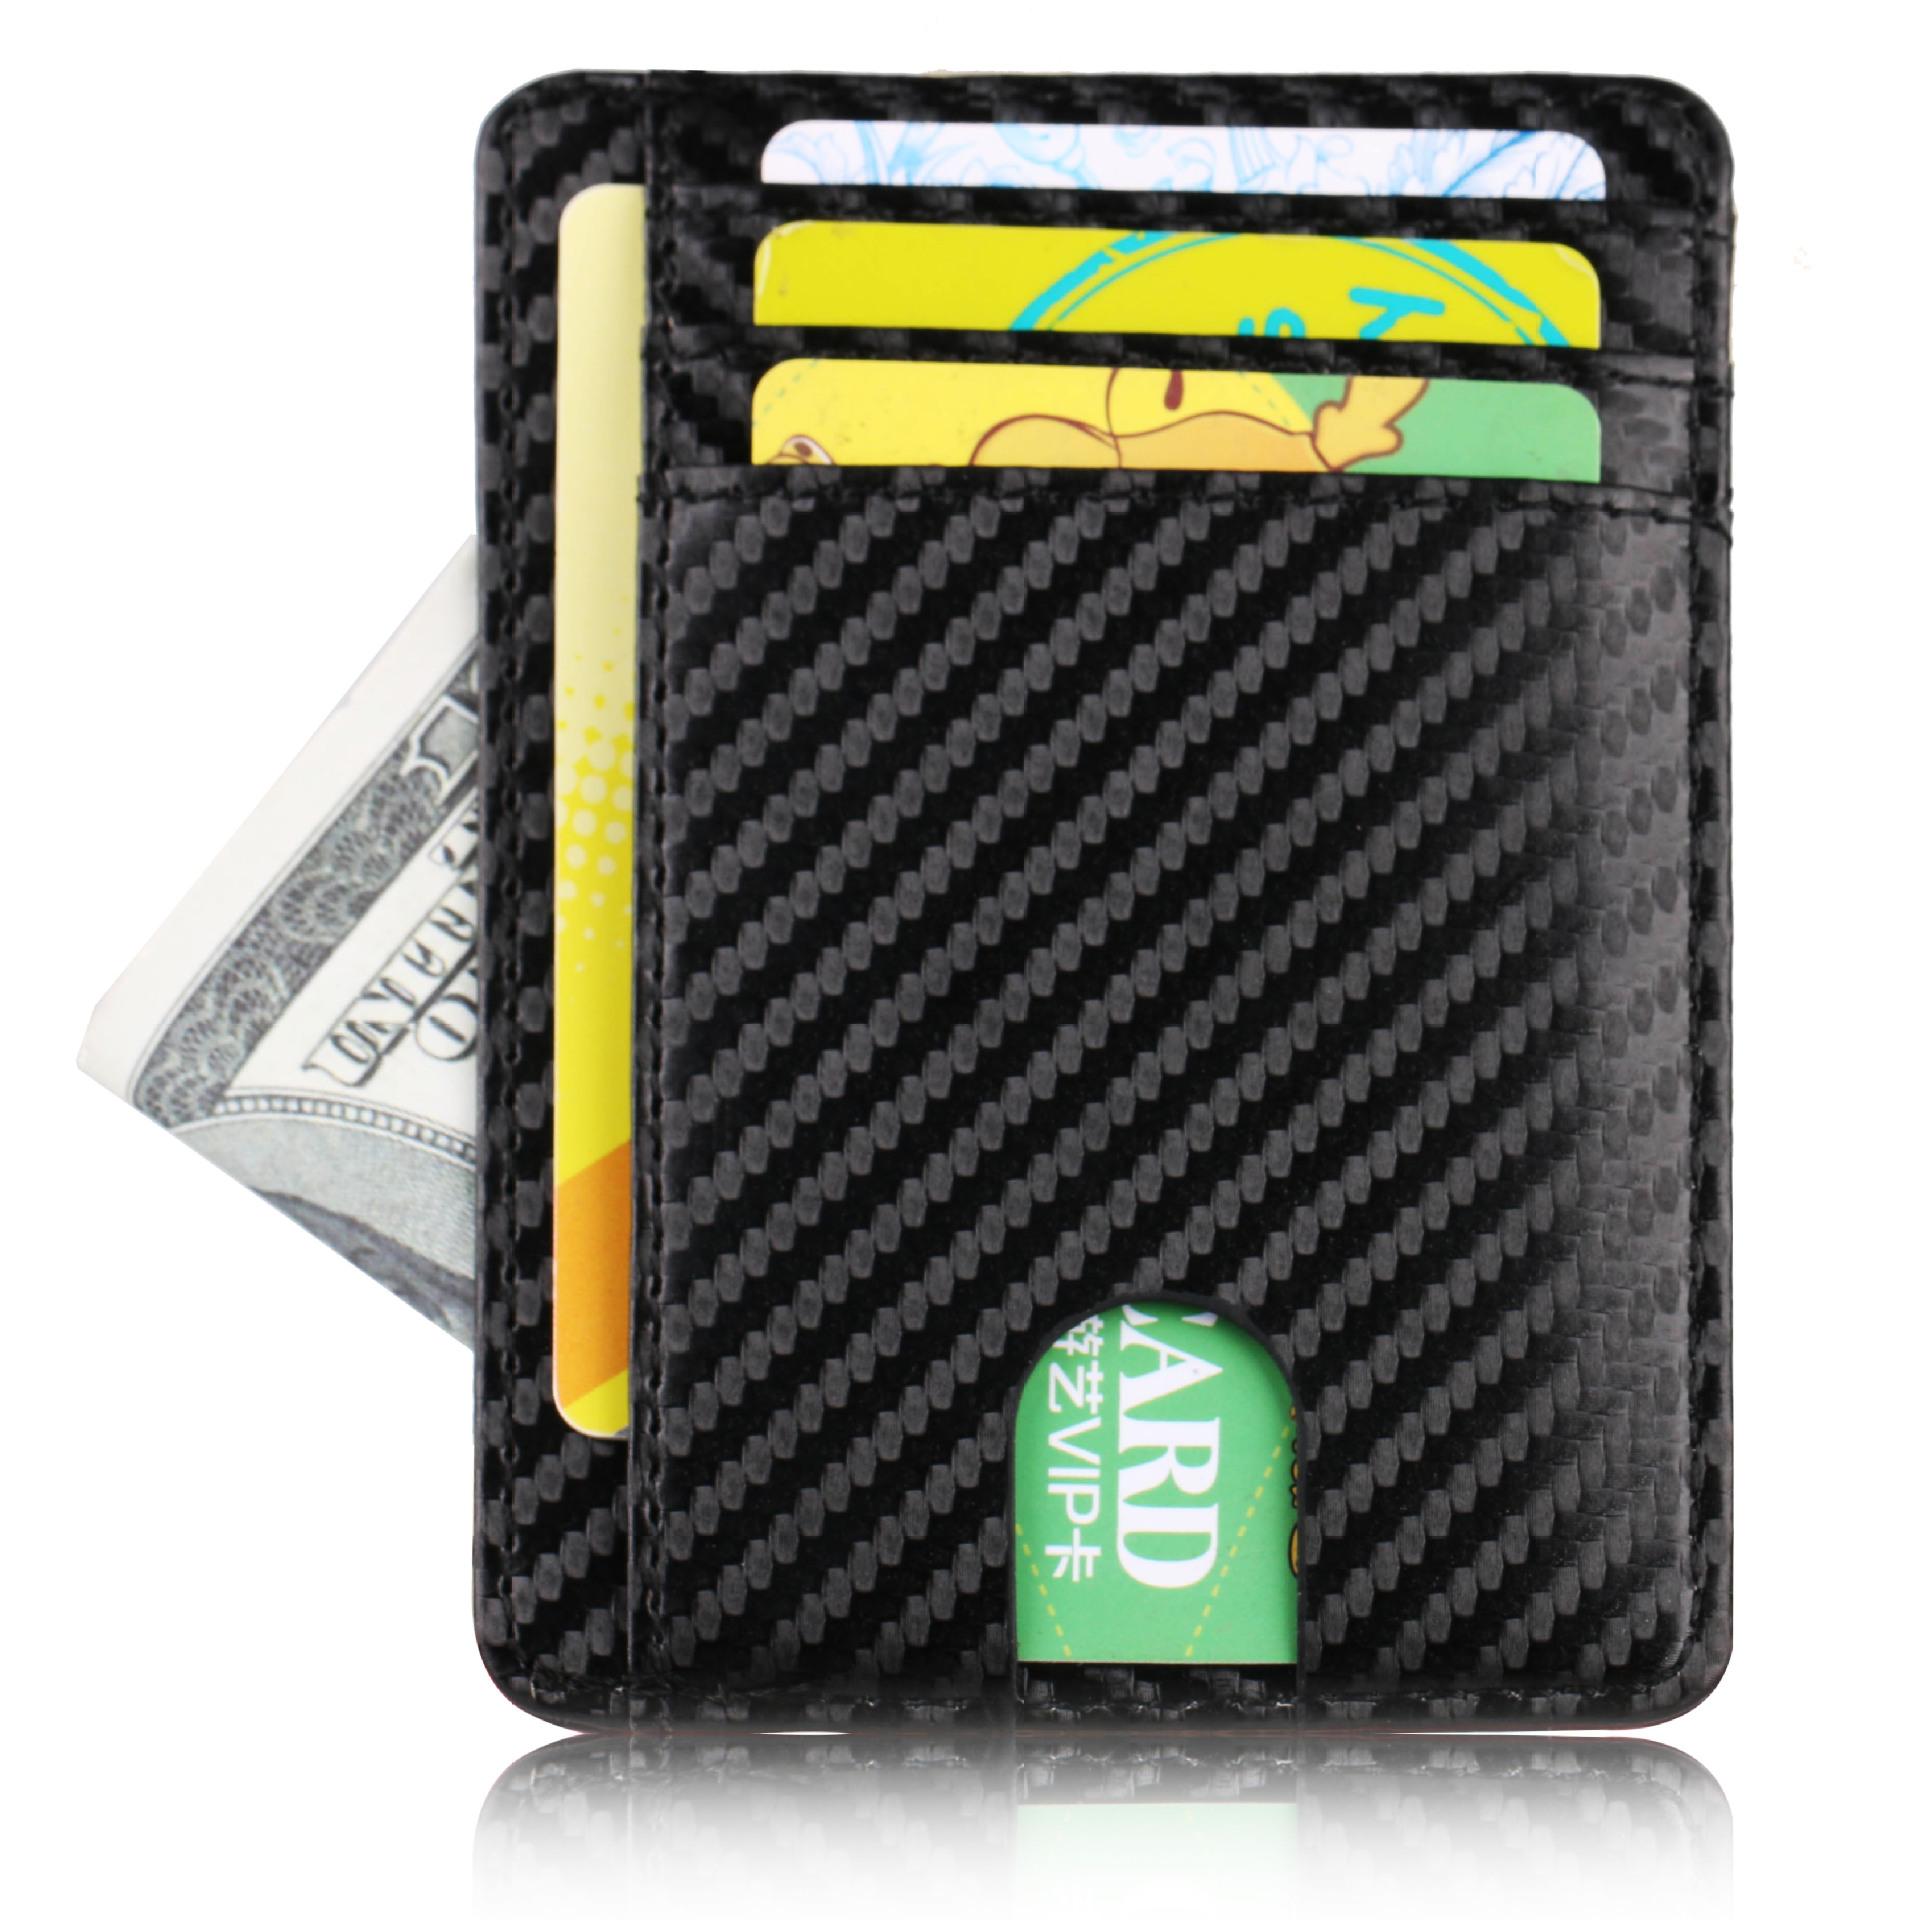 Ví đựng thẻ Bộ thẻ chống mài mòn tại chỗ Bộ thẻ ID chủ thẻ bảo vệ thẻ ngân hàng RFID bộ tài liệu gói